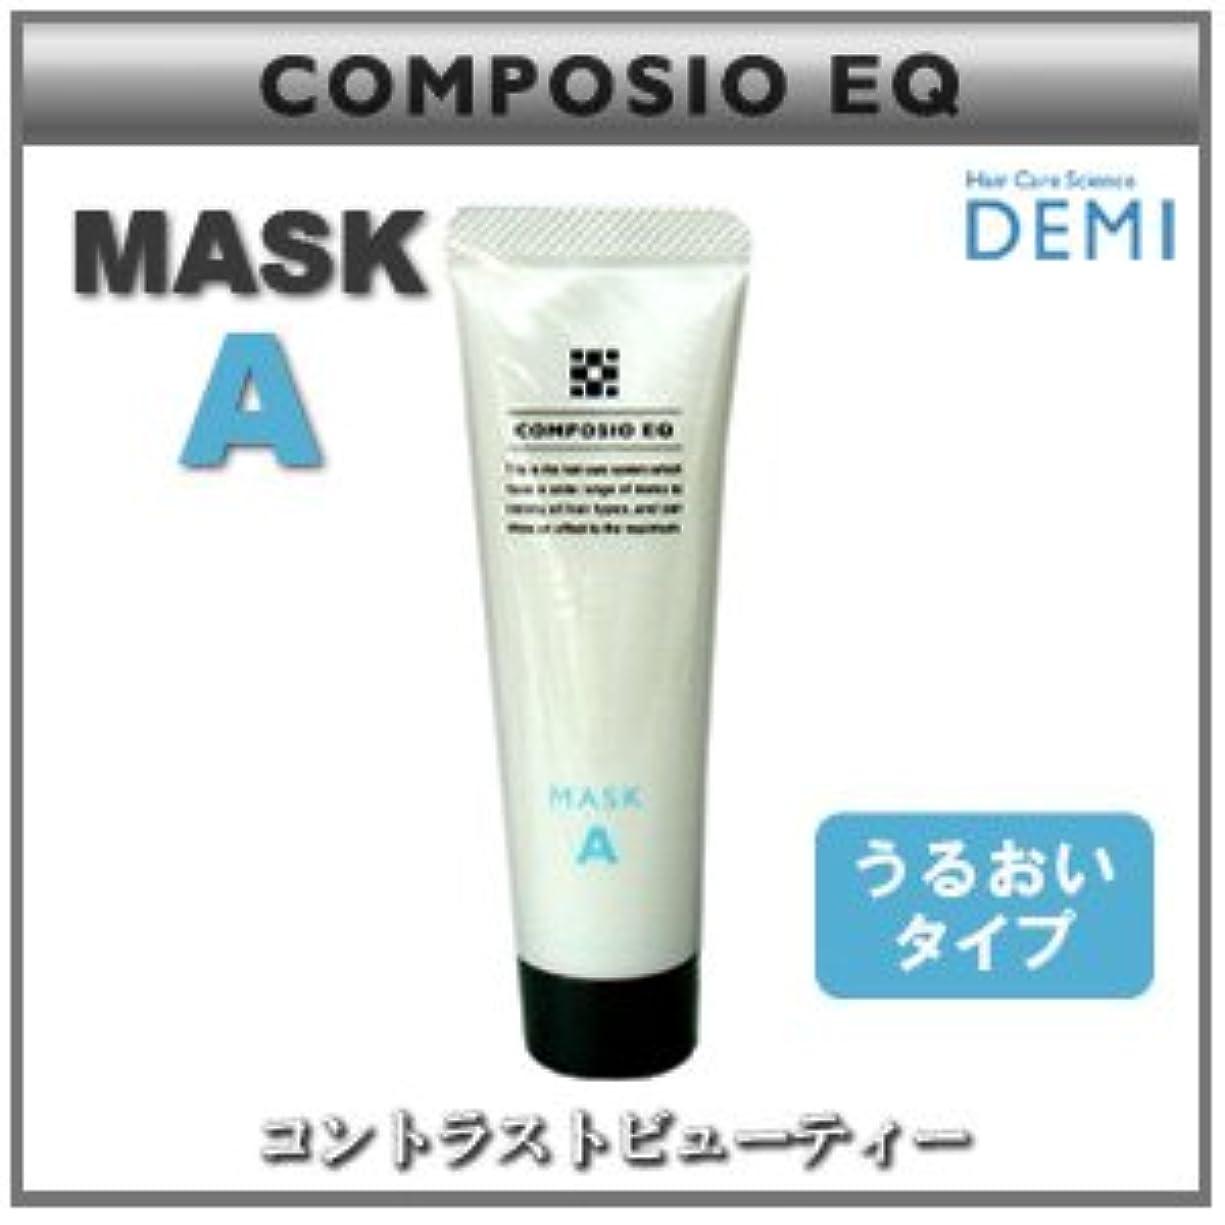 干渉するうがい隠された【X2個セット】 デミ コンポジオ EQ マスク A 50g